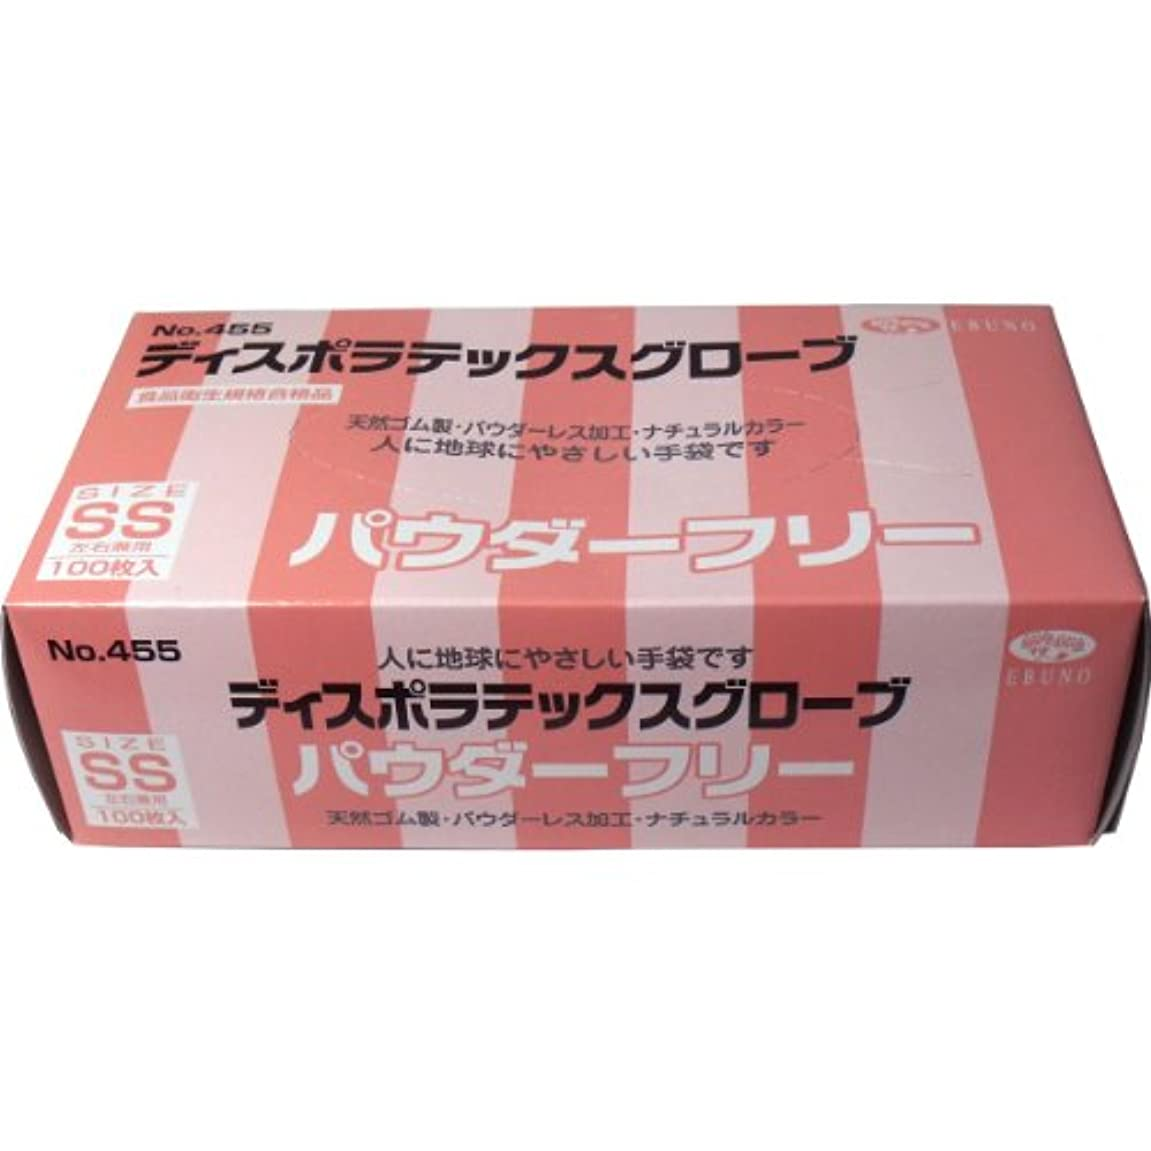 病者消化器米ドルディスポ ラテックスグローブ(天然ゴム手袋) パウダーフリー SSサイズ 100枚入×2個セット